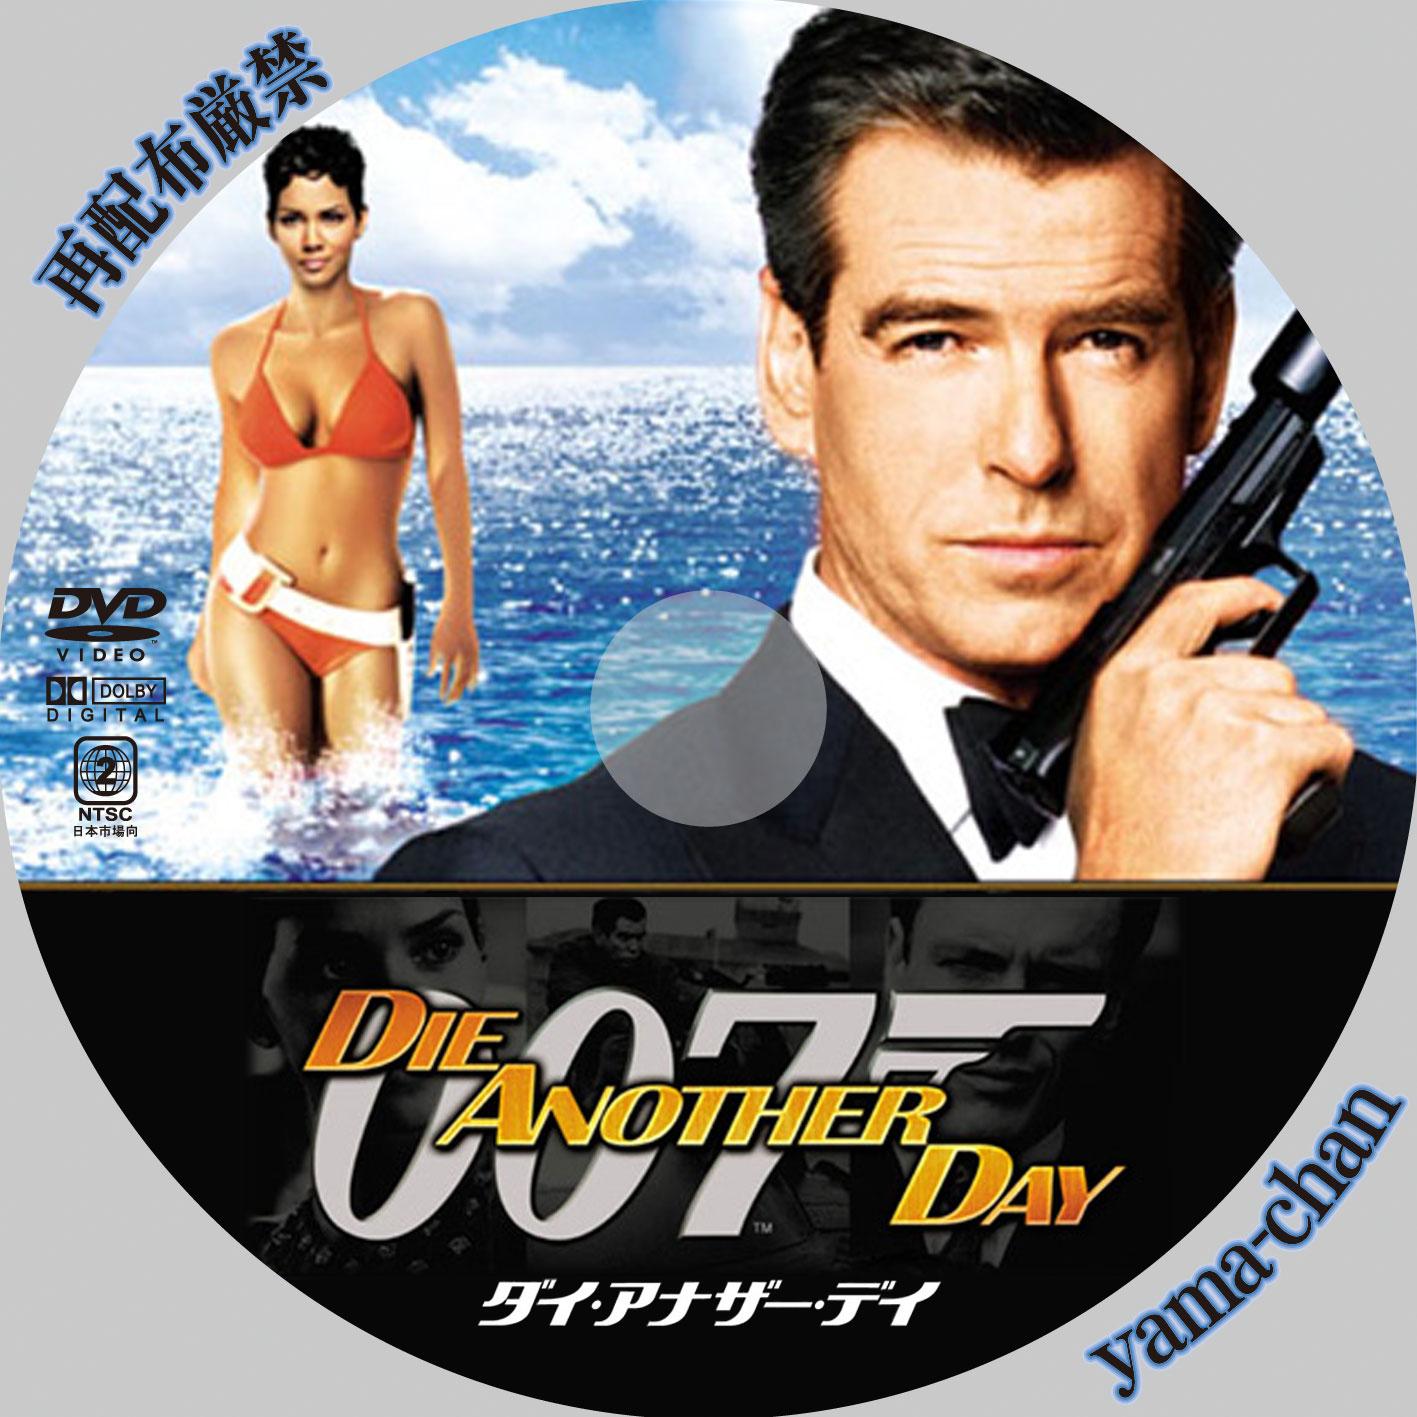 007/ダイ・アナザー・デイ - yama-chanのラベル工房